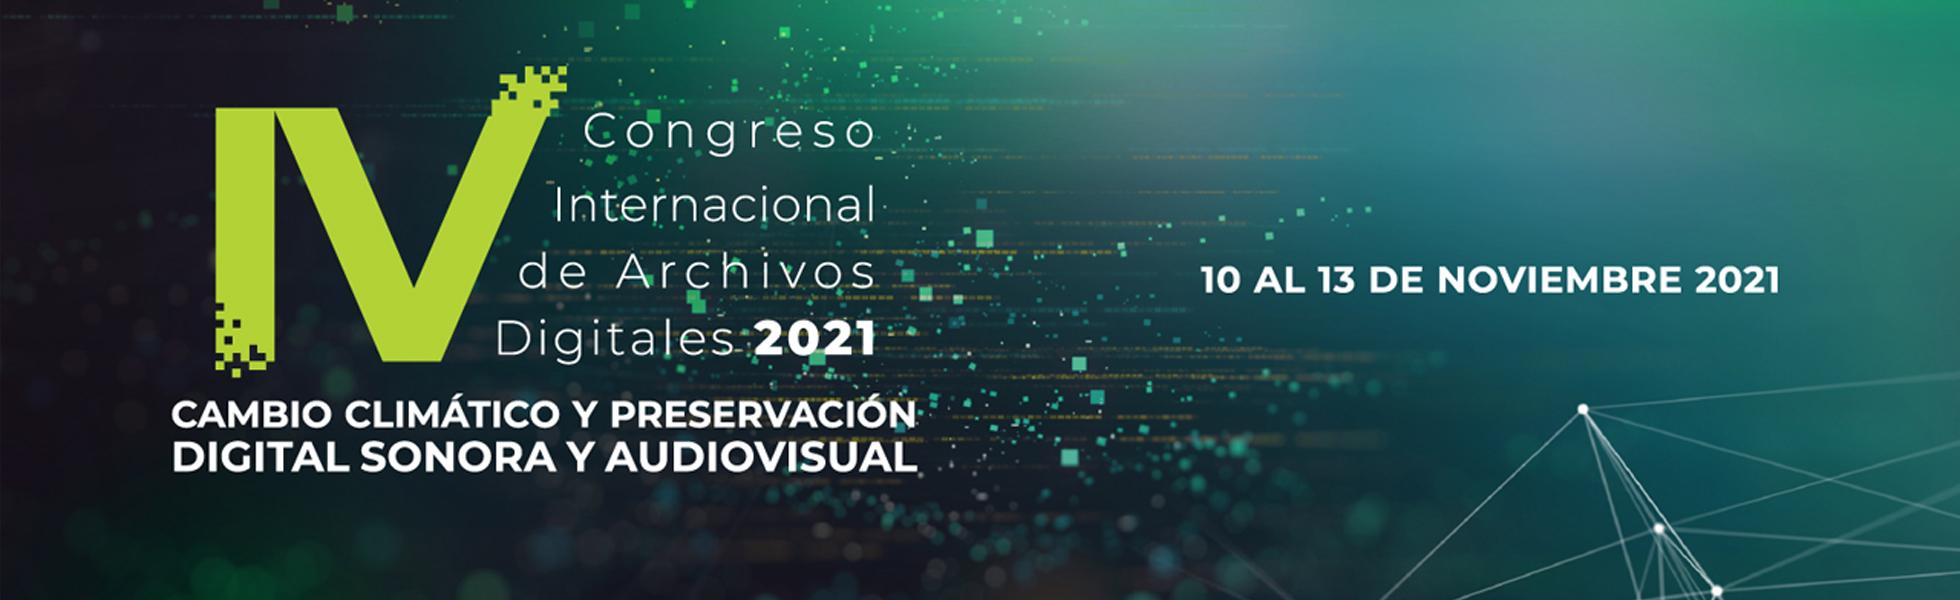 Congreso Internacional de Archivos Digitales 2021